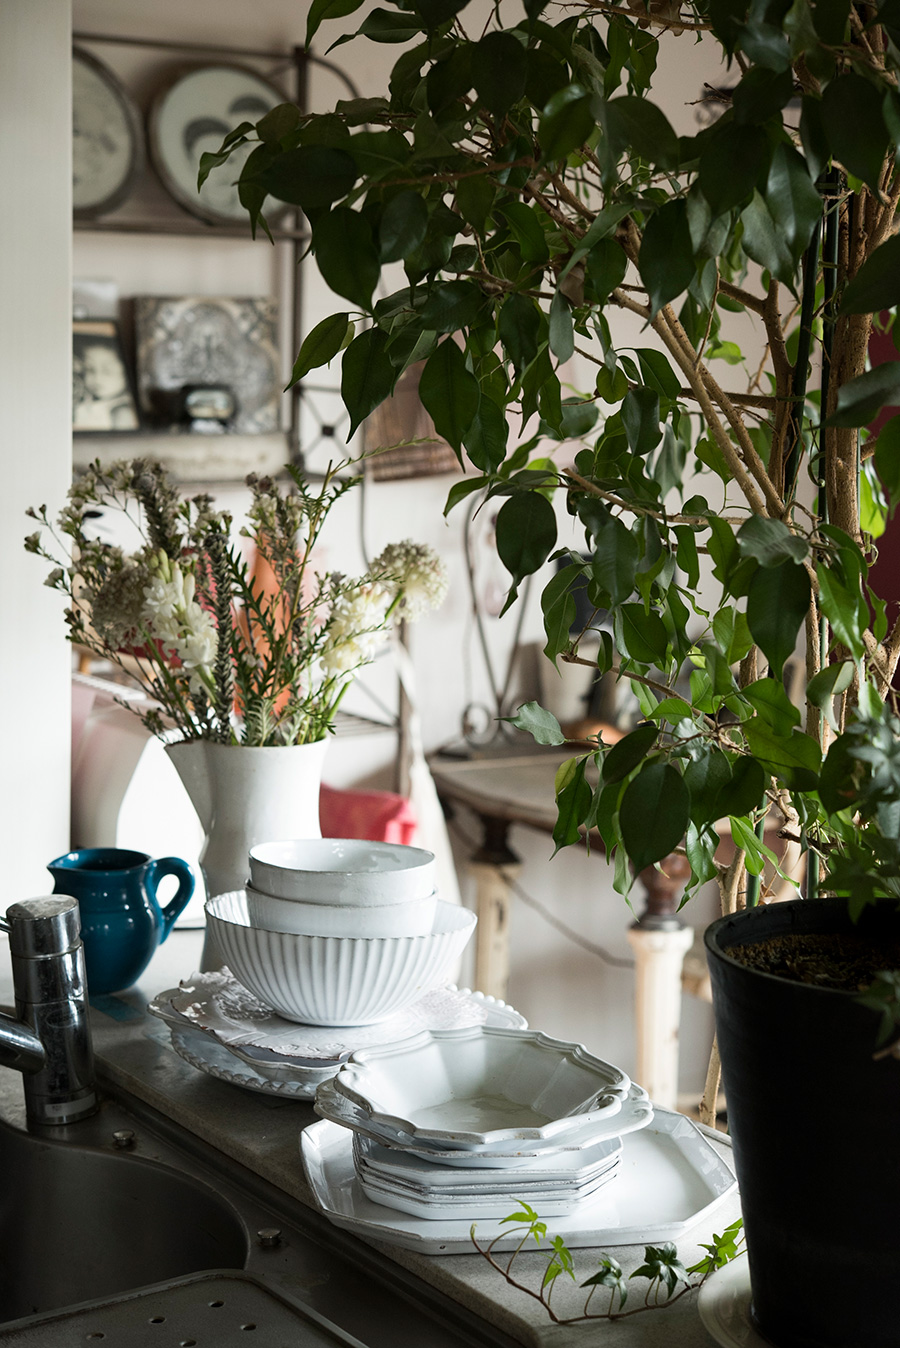 アスティエ・ド・ヴィラットの陶器を普段使い。「子供たちにも美しいものに触れてほしいんです」。